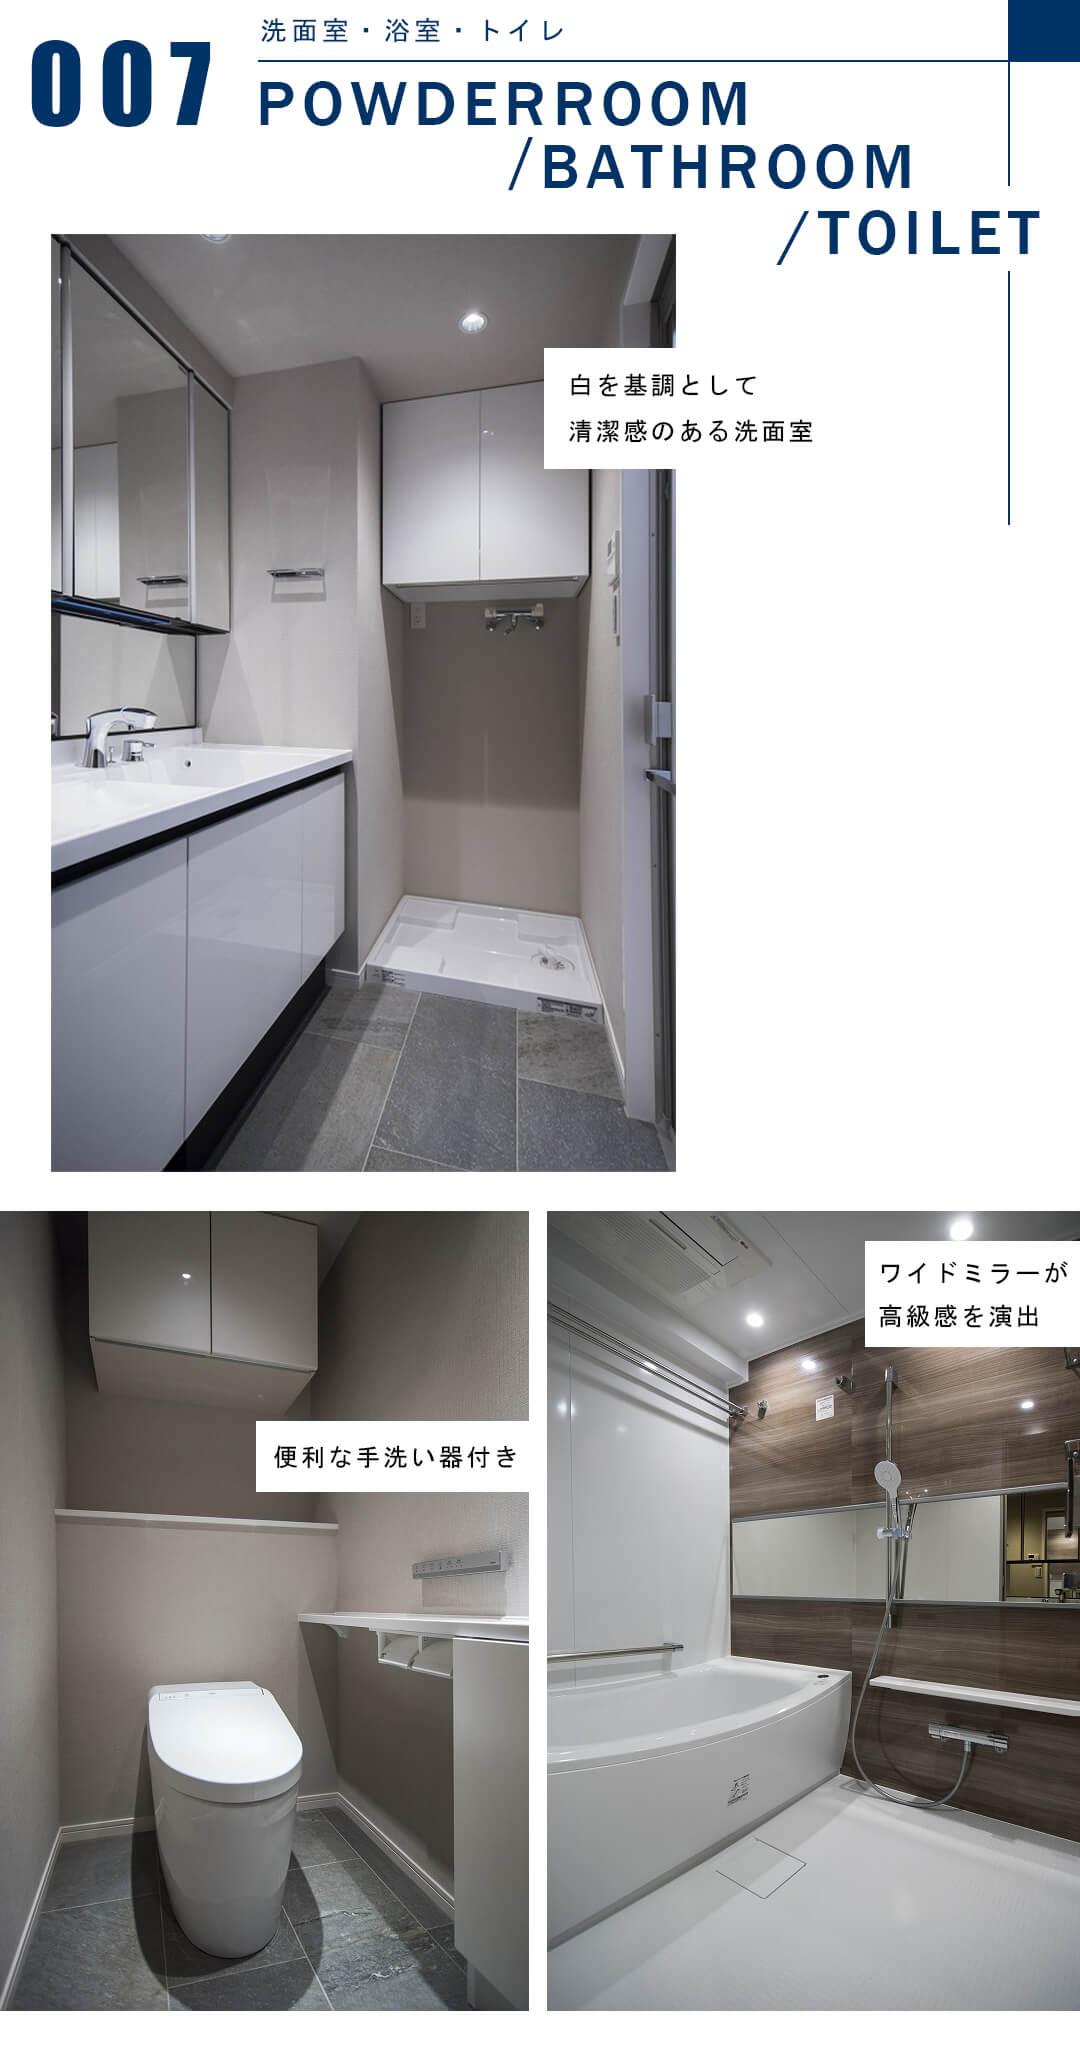 フローレンスパレス御茶ノ水フィアンコの洗面室と浴室とトイレ